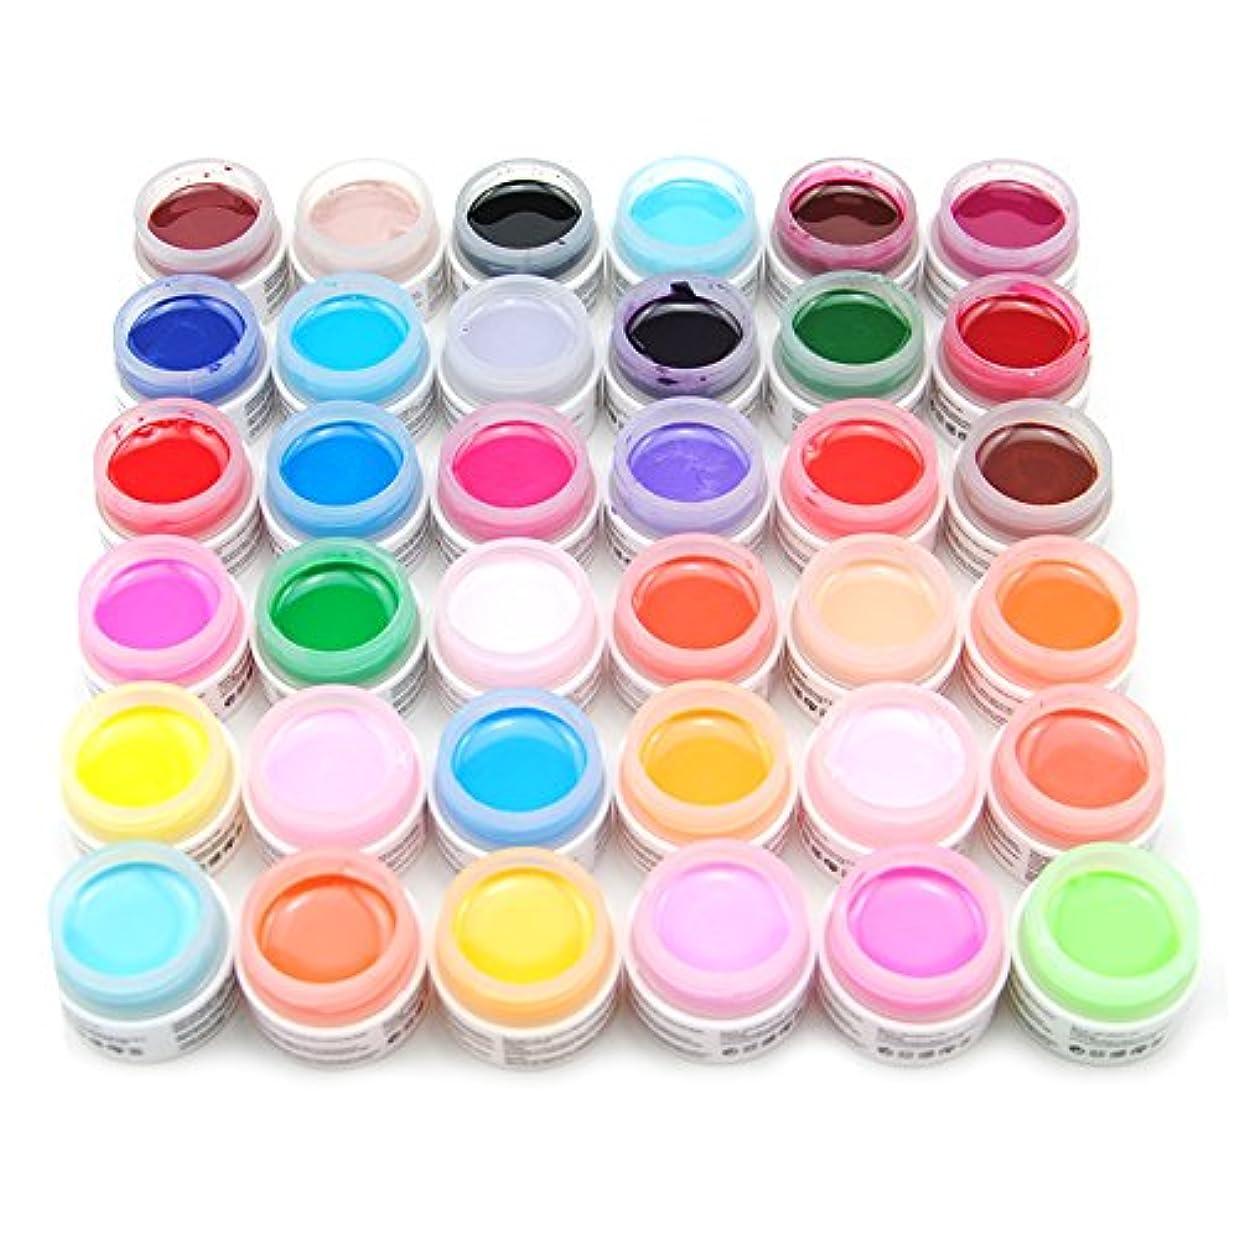 モルヒネシャベル省略ユニークモール(UniqueMall)ジェルネイルのセット 36色 純粋ネイルネイルカラーUVジェルレジン ネイルアート ネイルサロン 色々カラーネイルデコ人気セット